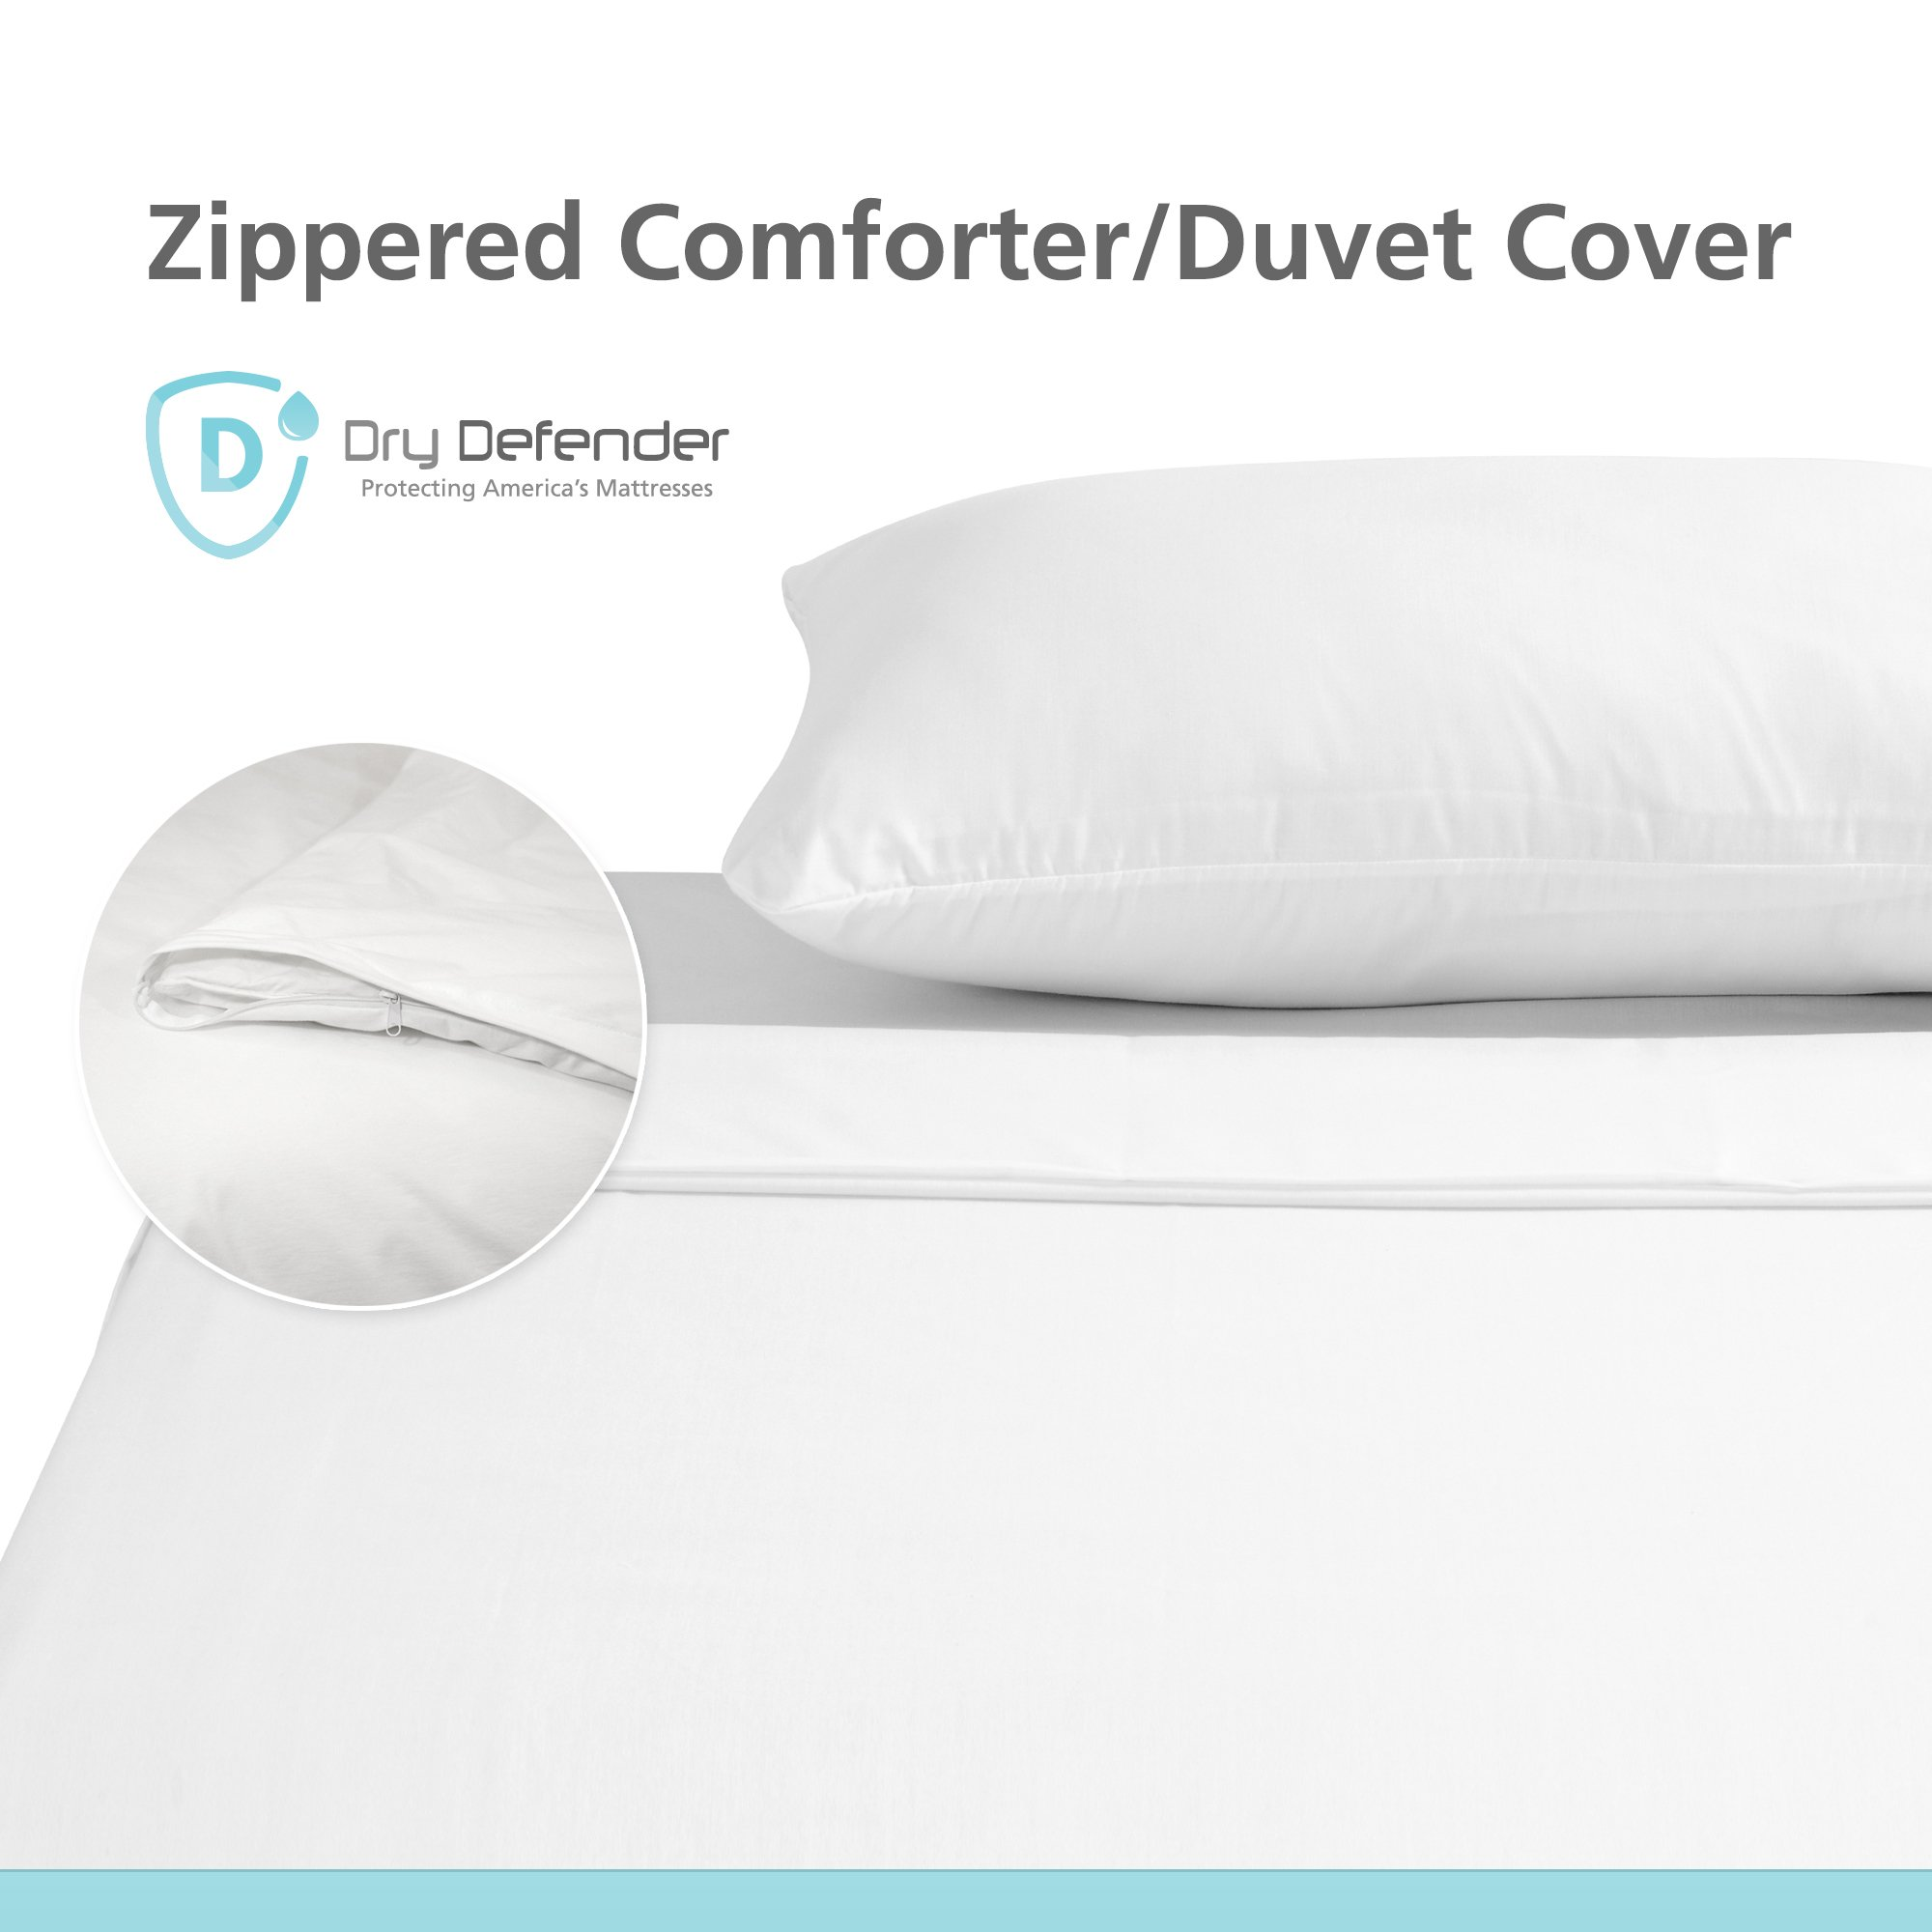 Dry Defender Premium Waterproof Comforter/Duvet Cover - Twin Size